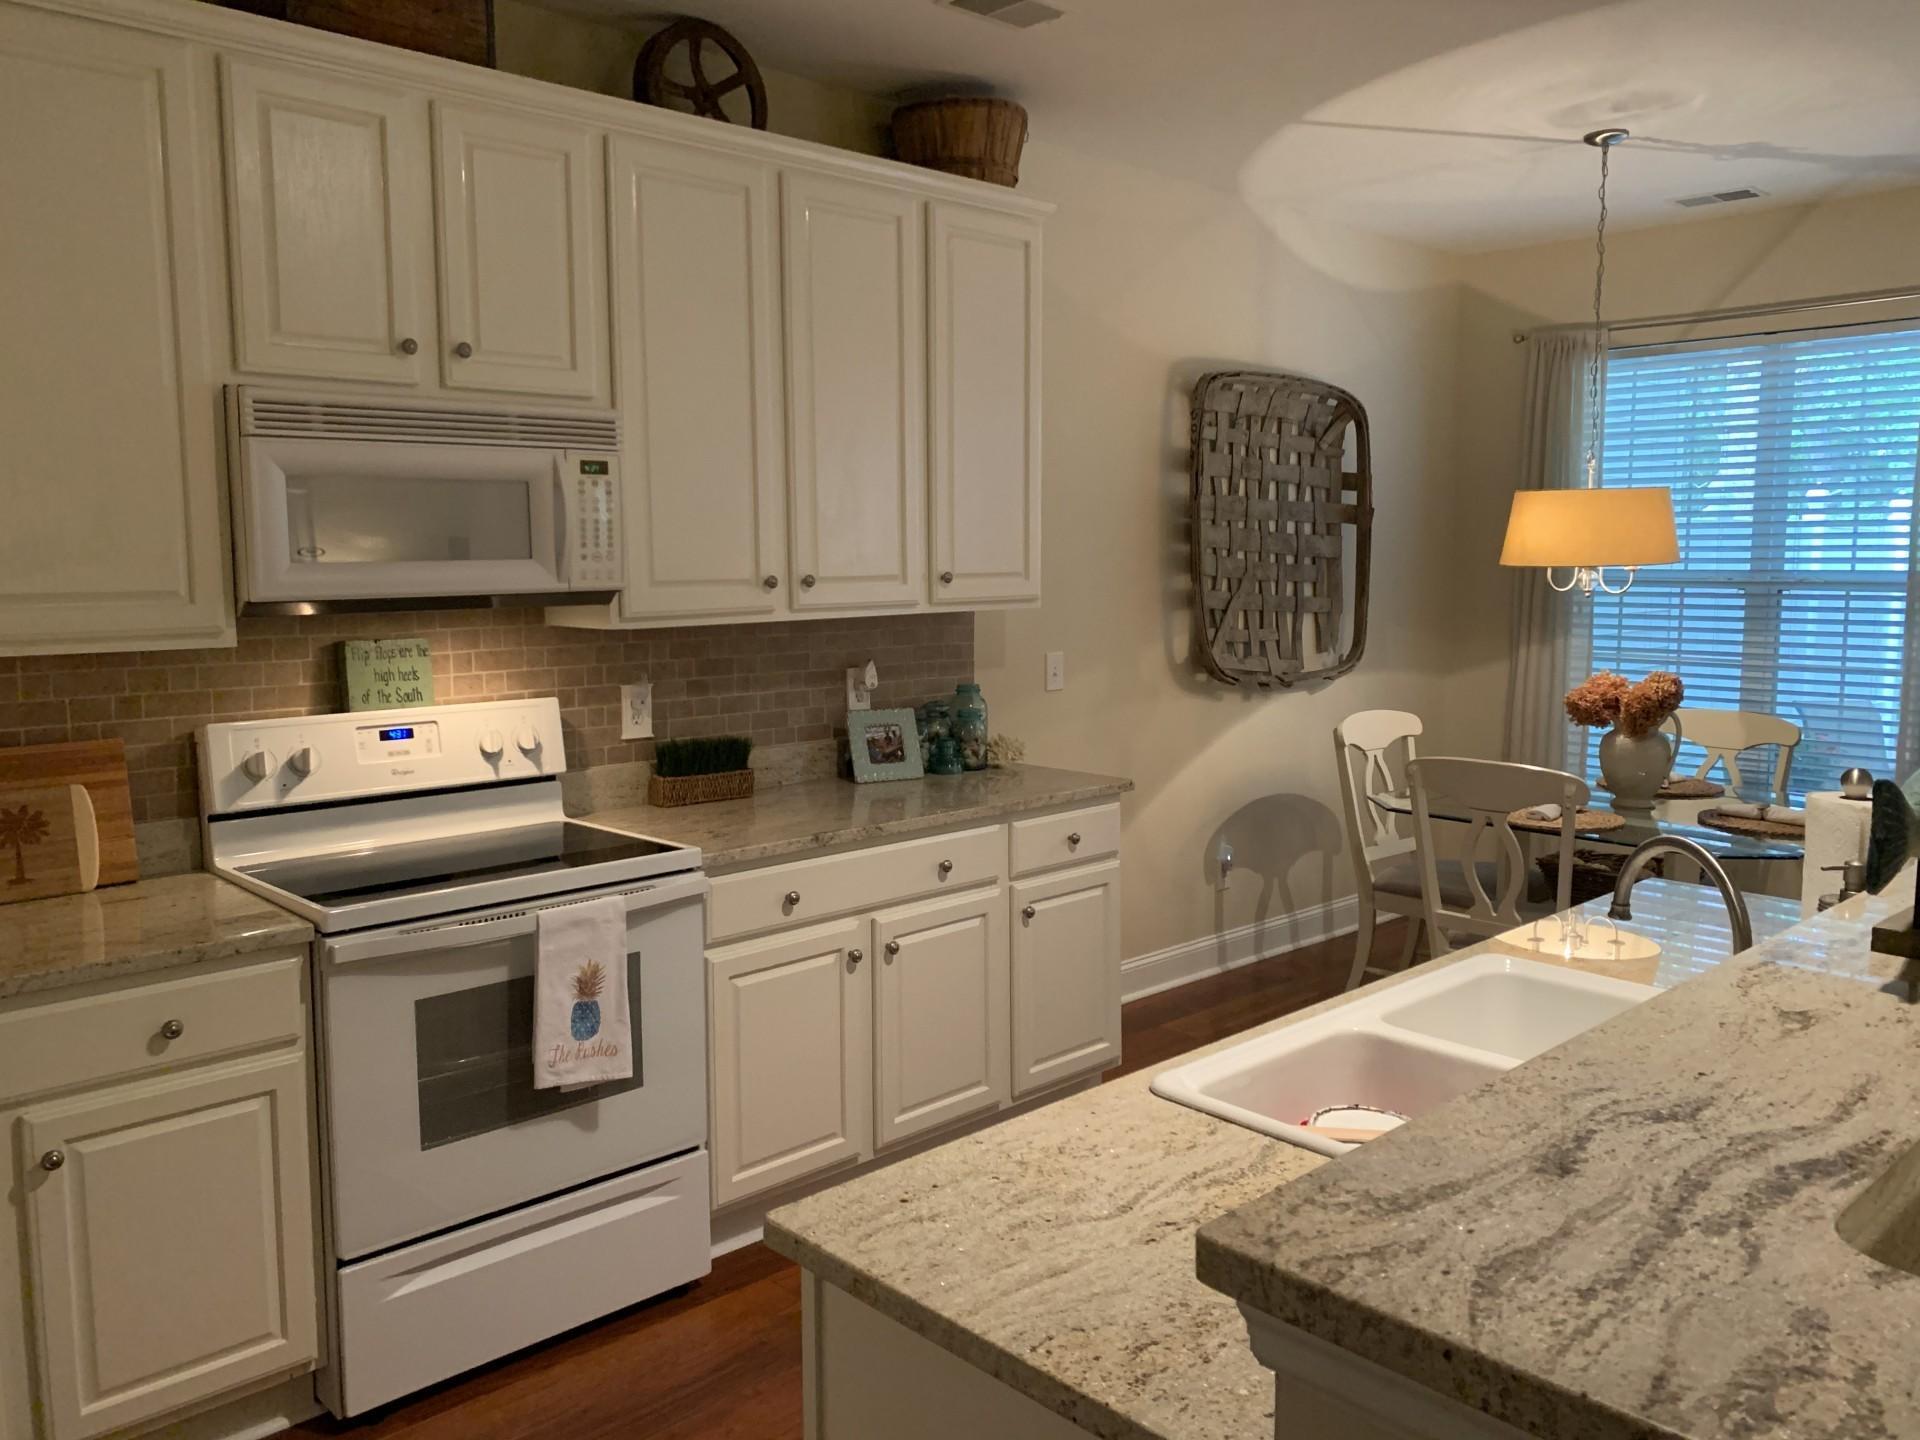 Park West Homes For Sale - 2455 Draymohr, Mount Pleasant, SC - 8